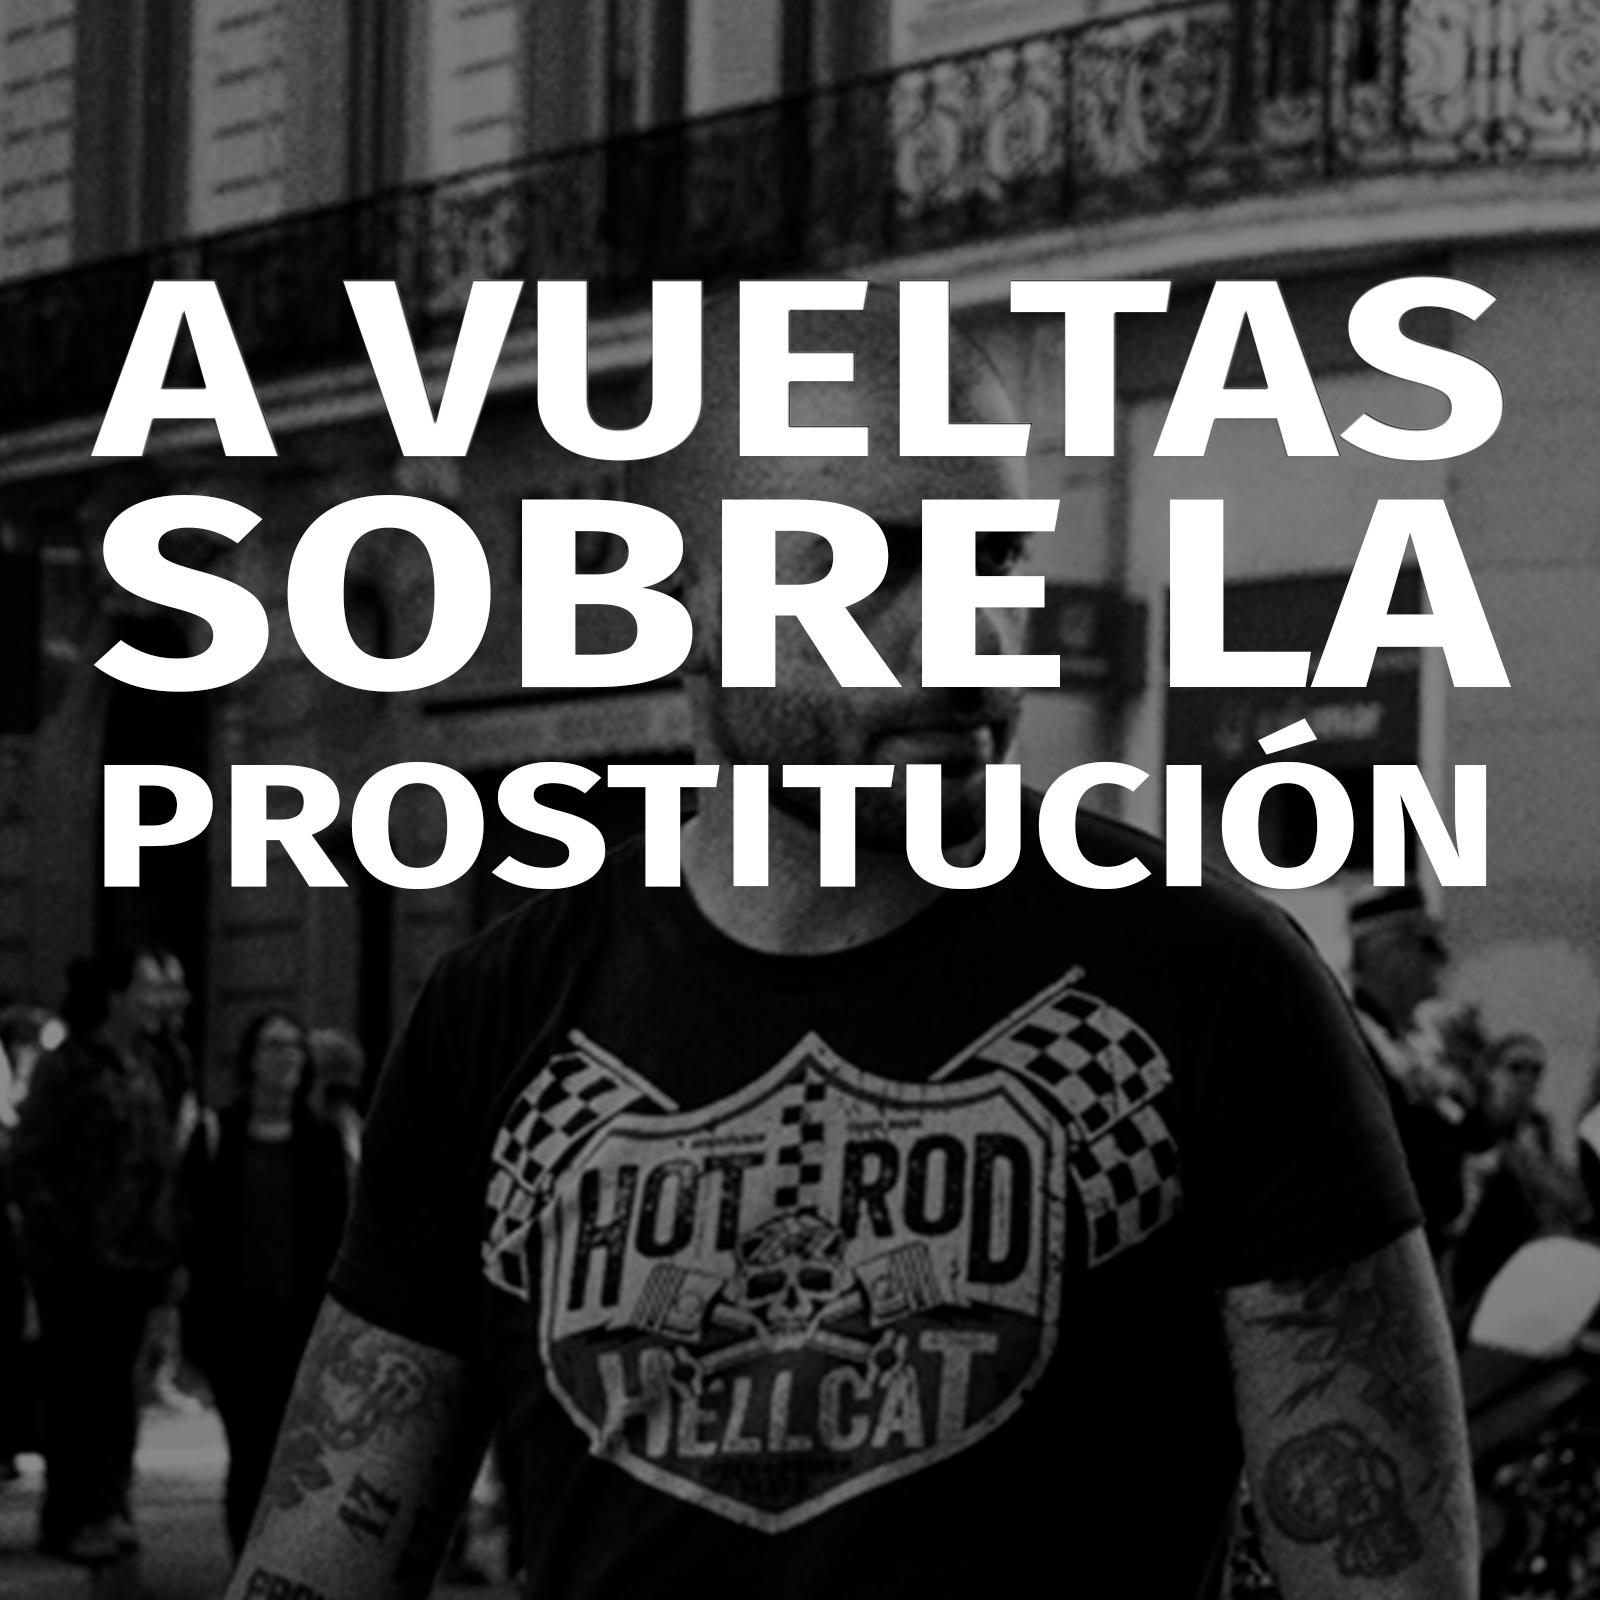 A vueltas sobre la prostitución